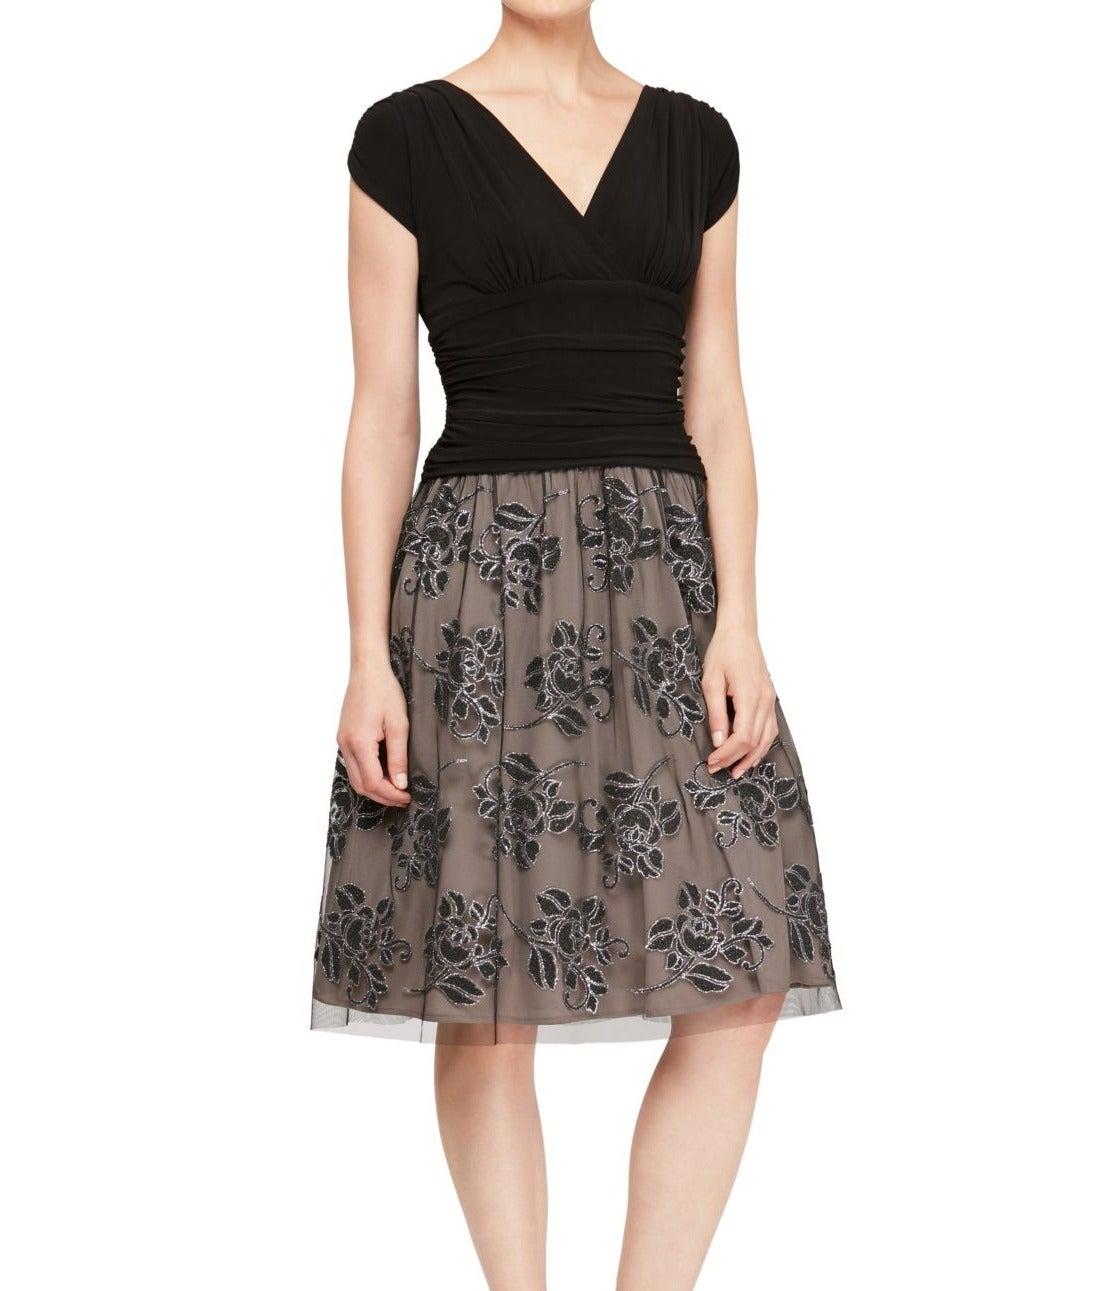 SLNY Women's Dress Black Size 6 A-Line Mesh Beaded Floral Skirt